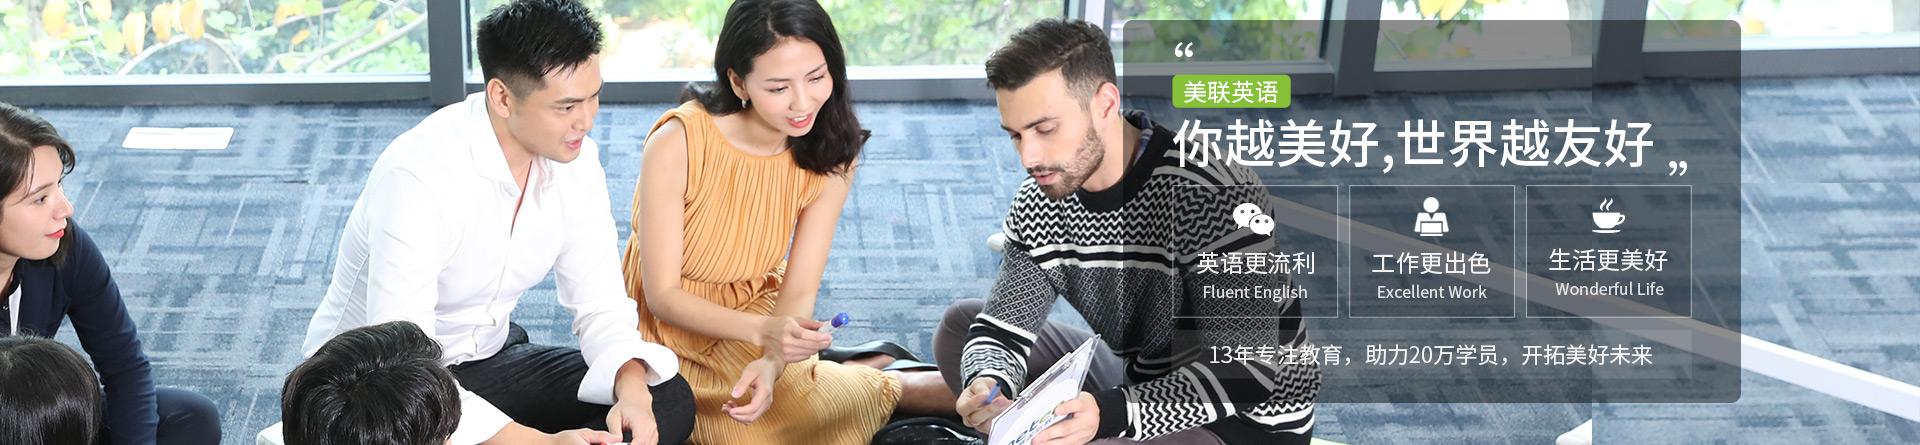 湖北武汉国广出国考试中心美联英语培训